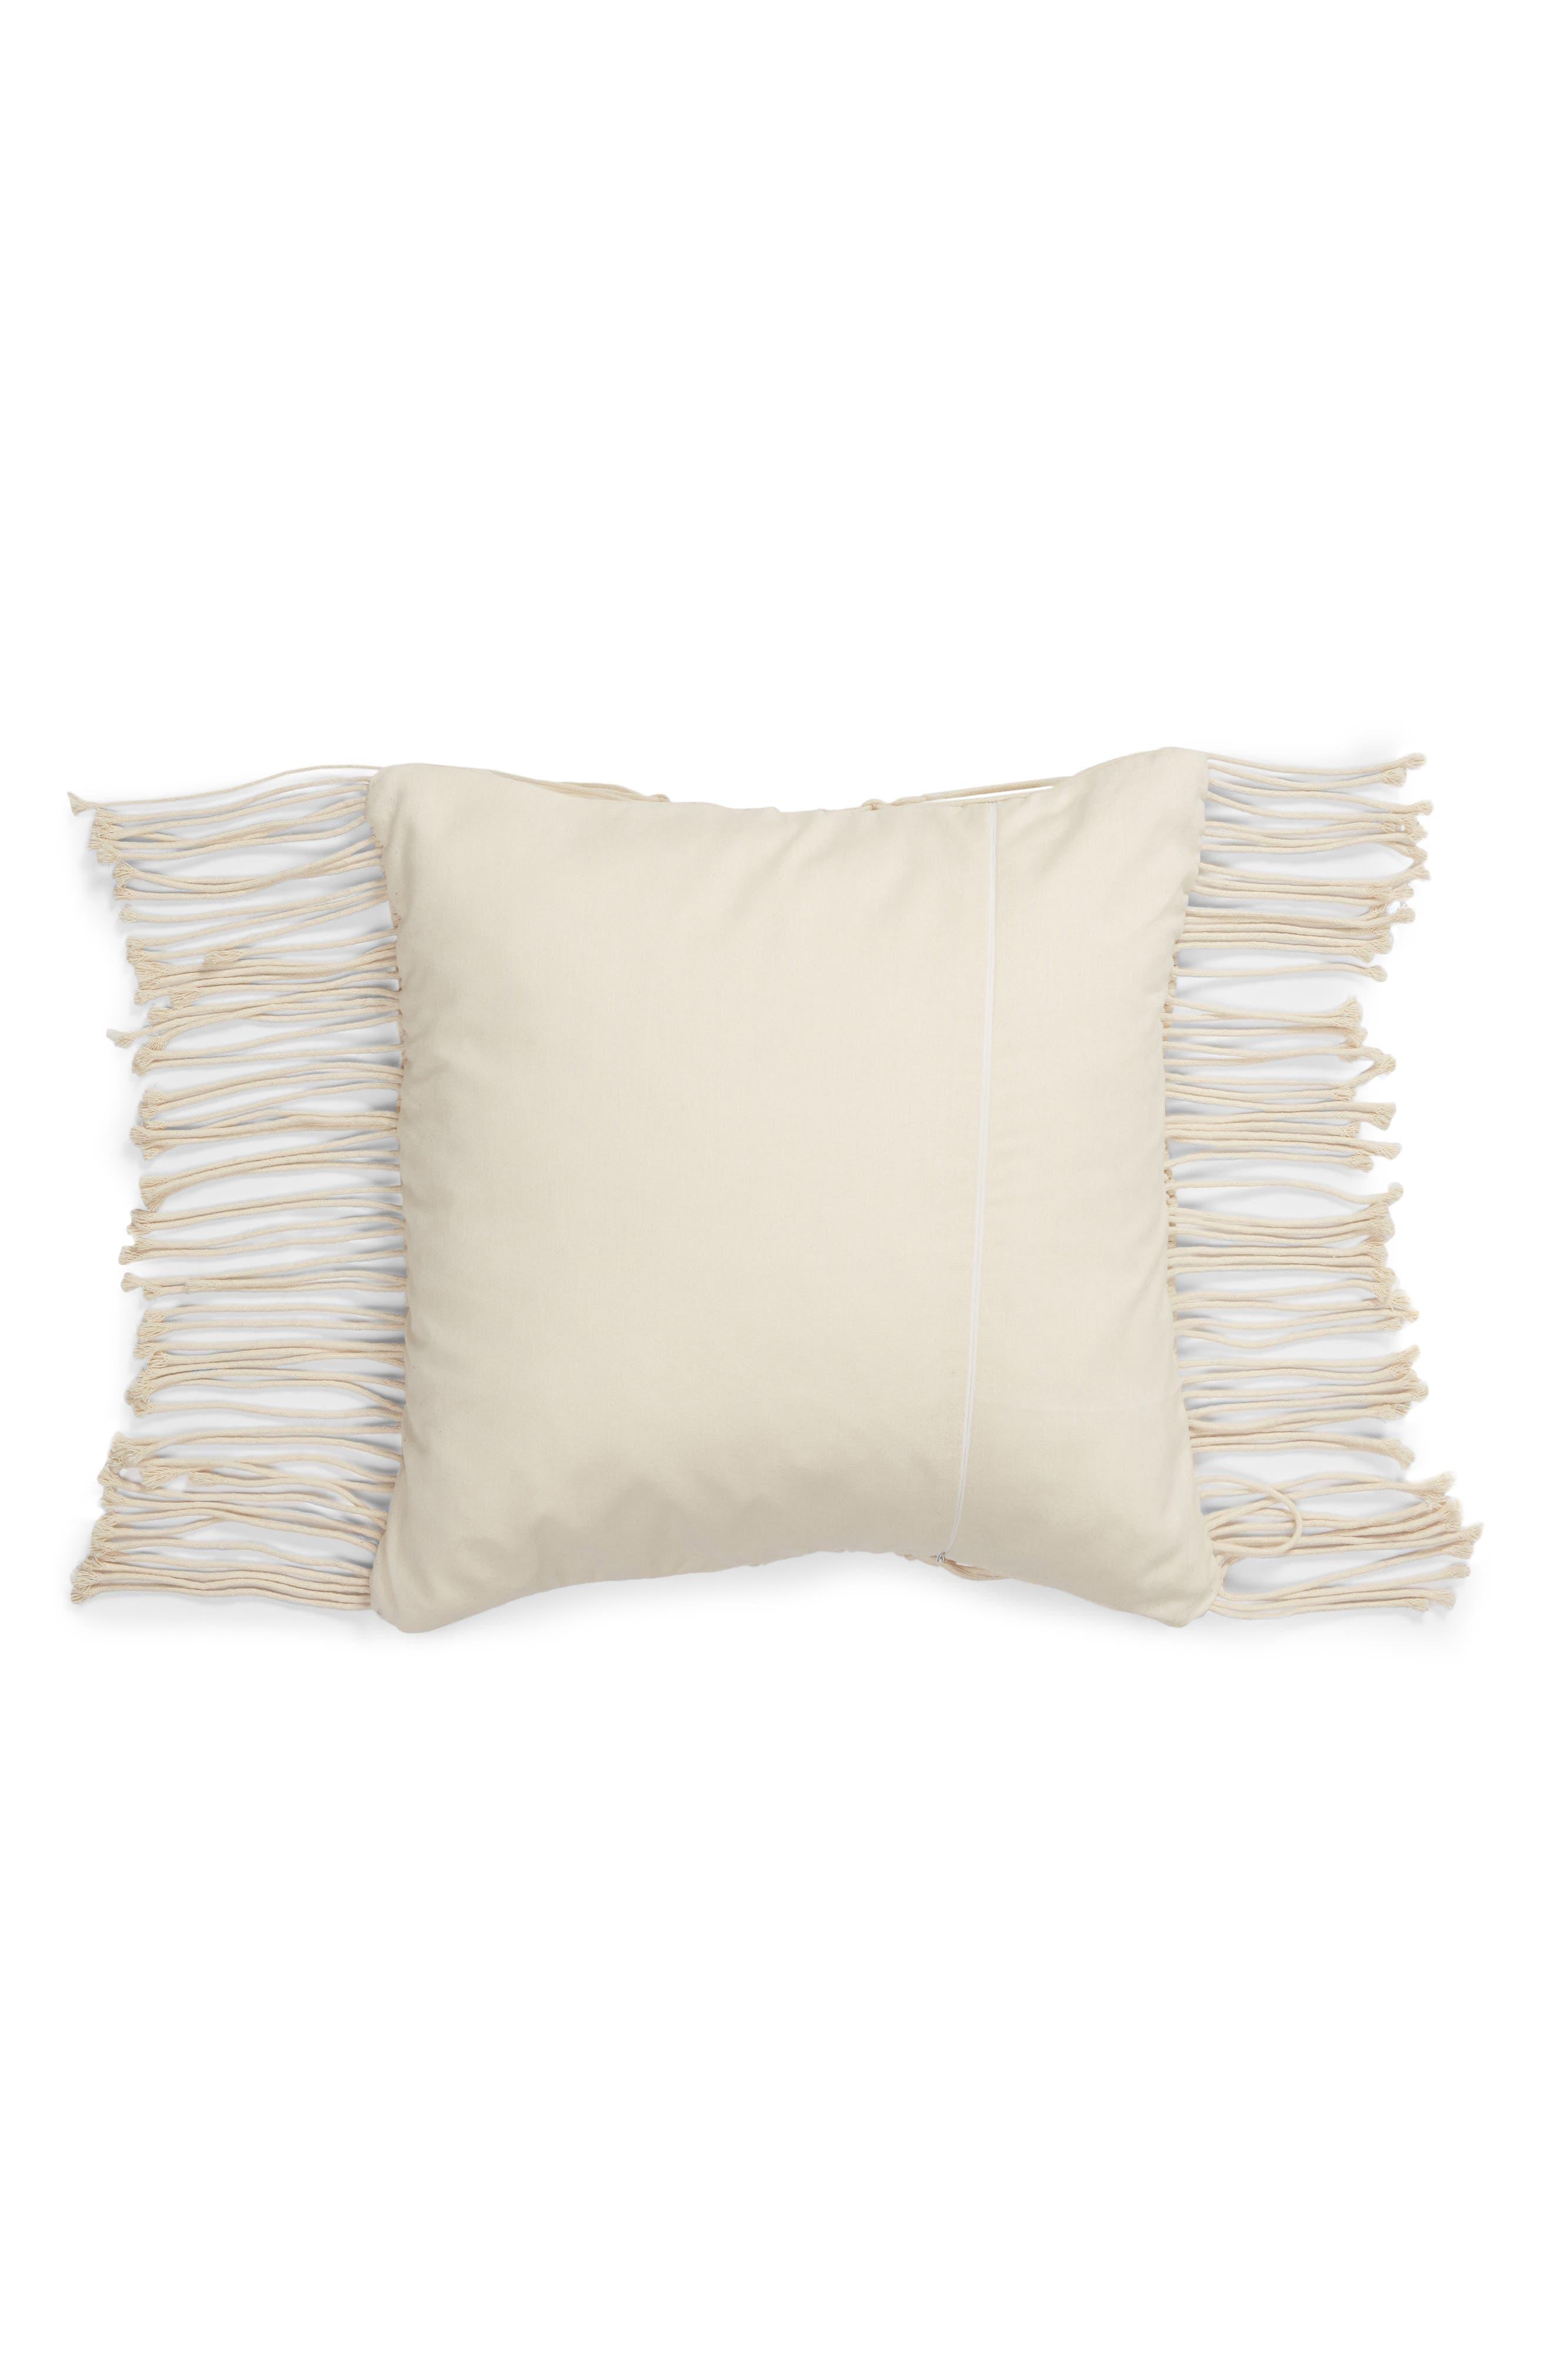 Ayla Macramé Accent Pillow,                             Alternate thumbnail 2, color,                             NATURAL